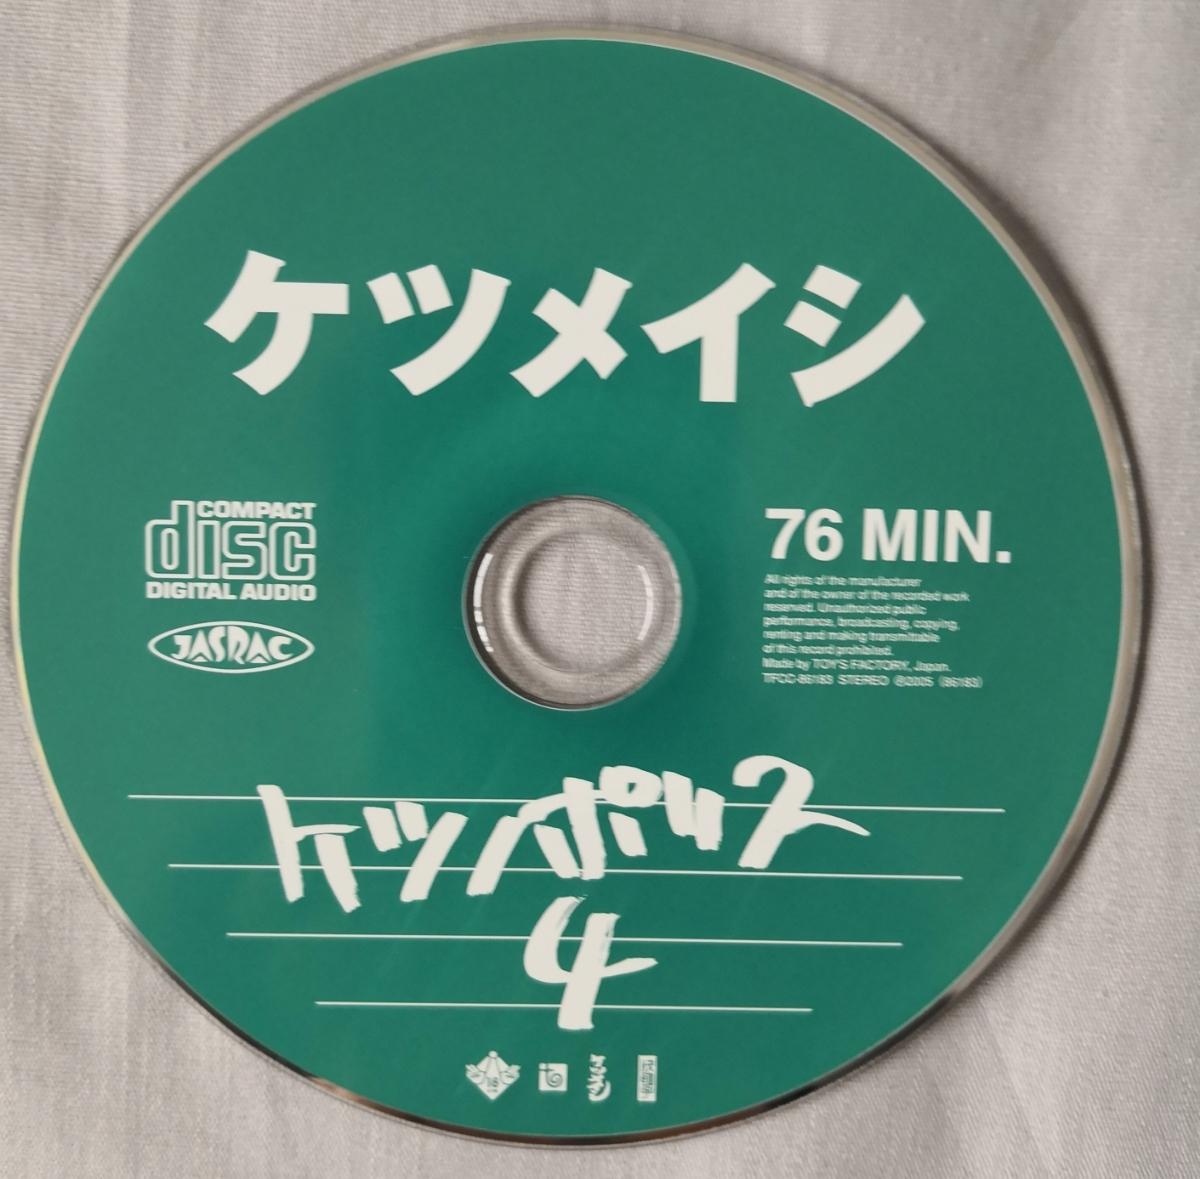 【ケツメイシ ケツノポリス4 】☆2005年トイズファクトリー発売 中古CD☆ 100円スタート売り切り ☆当時ものです。_画像3